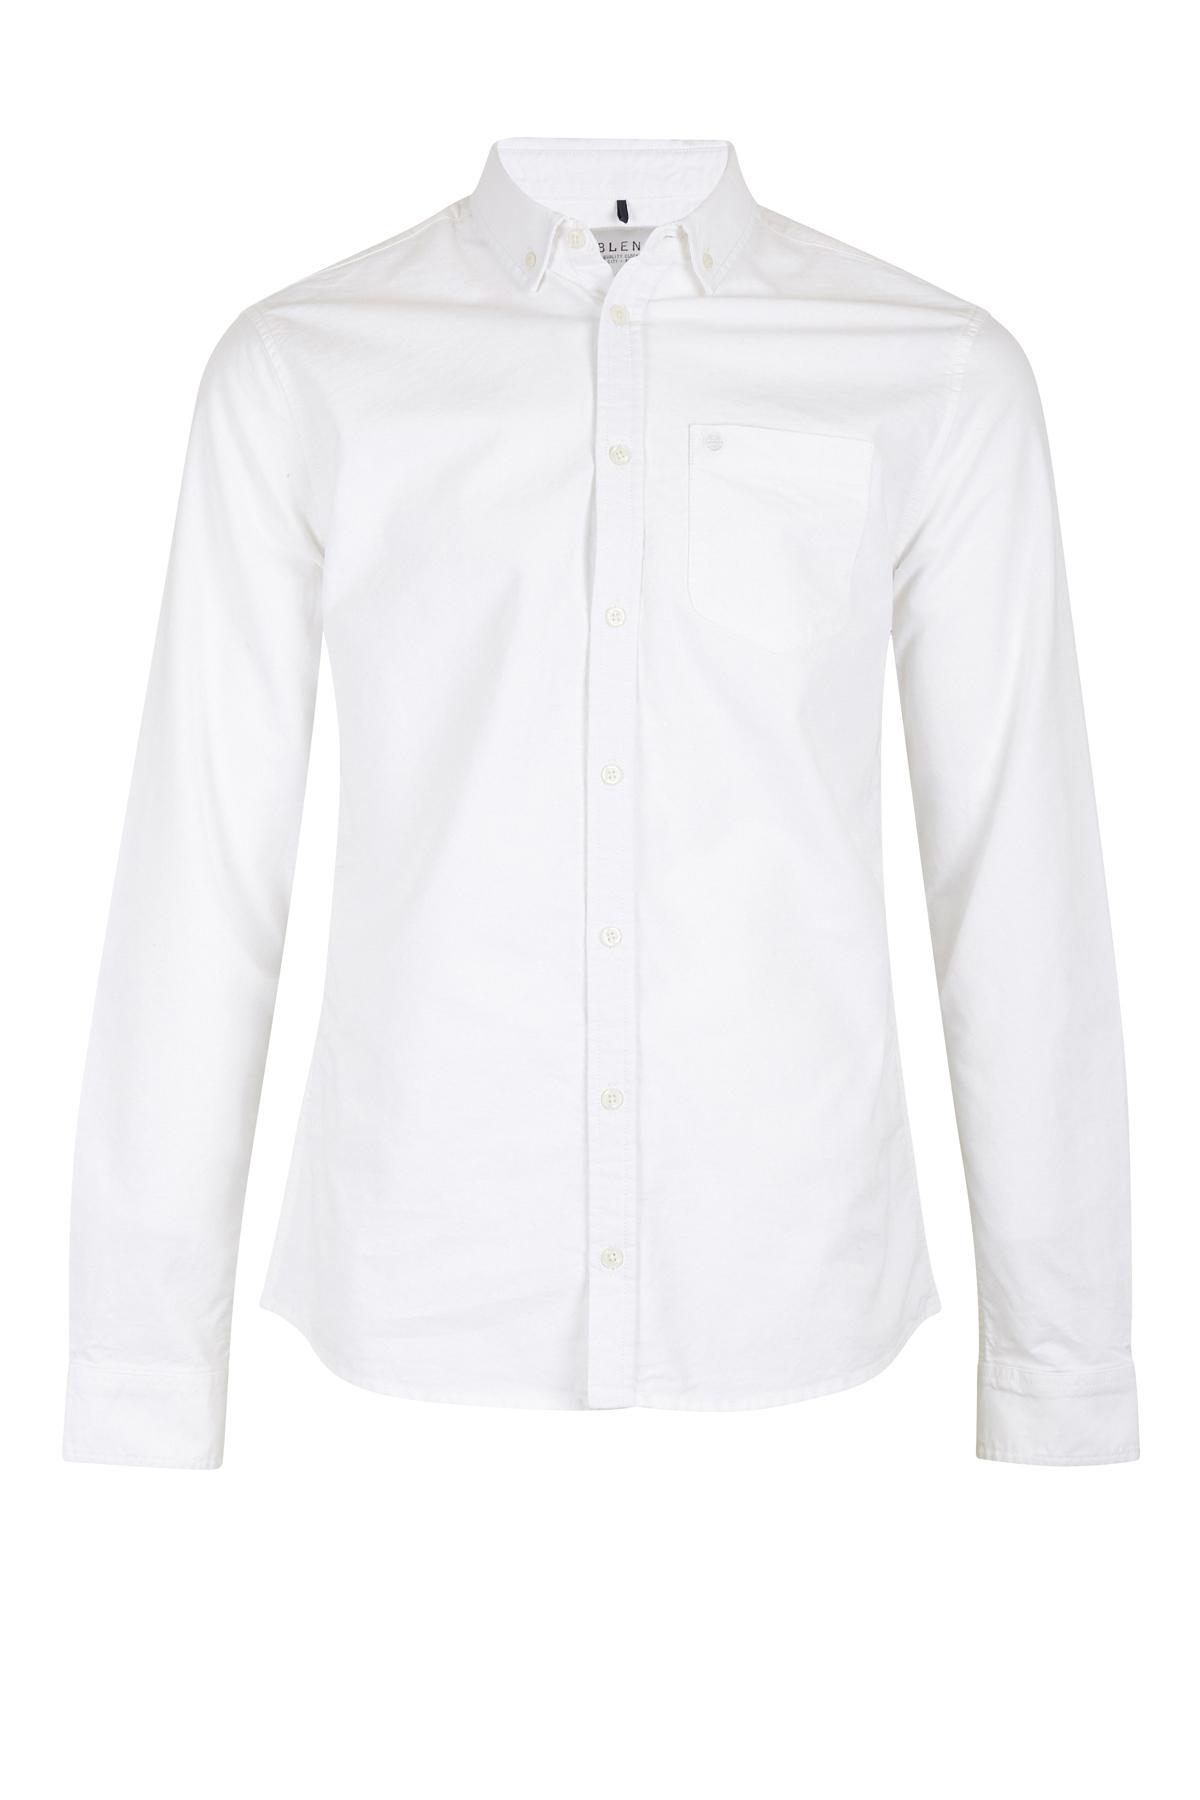 White Long sleeved shirt fra Blend He – Køb White Long sleeved shirt fra str. S-XXXL her